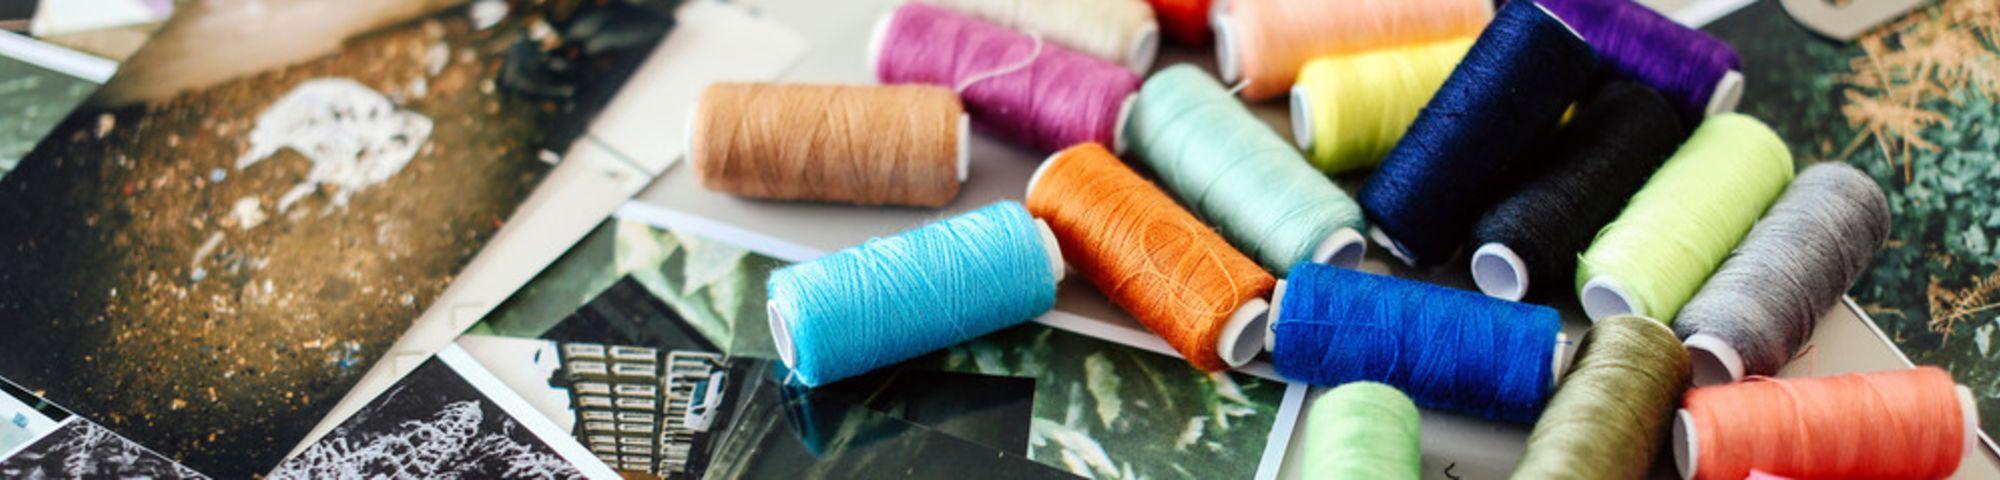 Rolls of thread spread across photos lying on a table